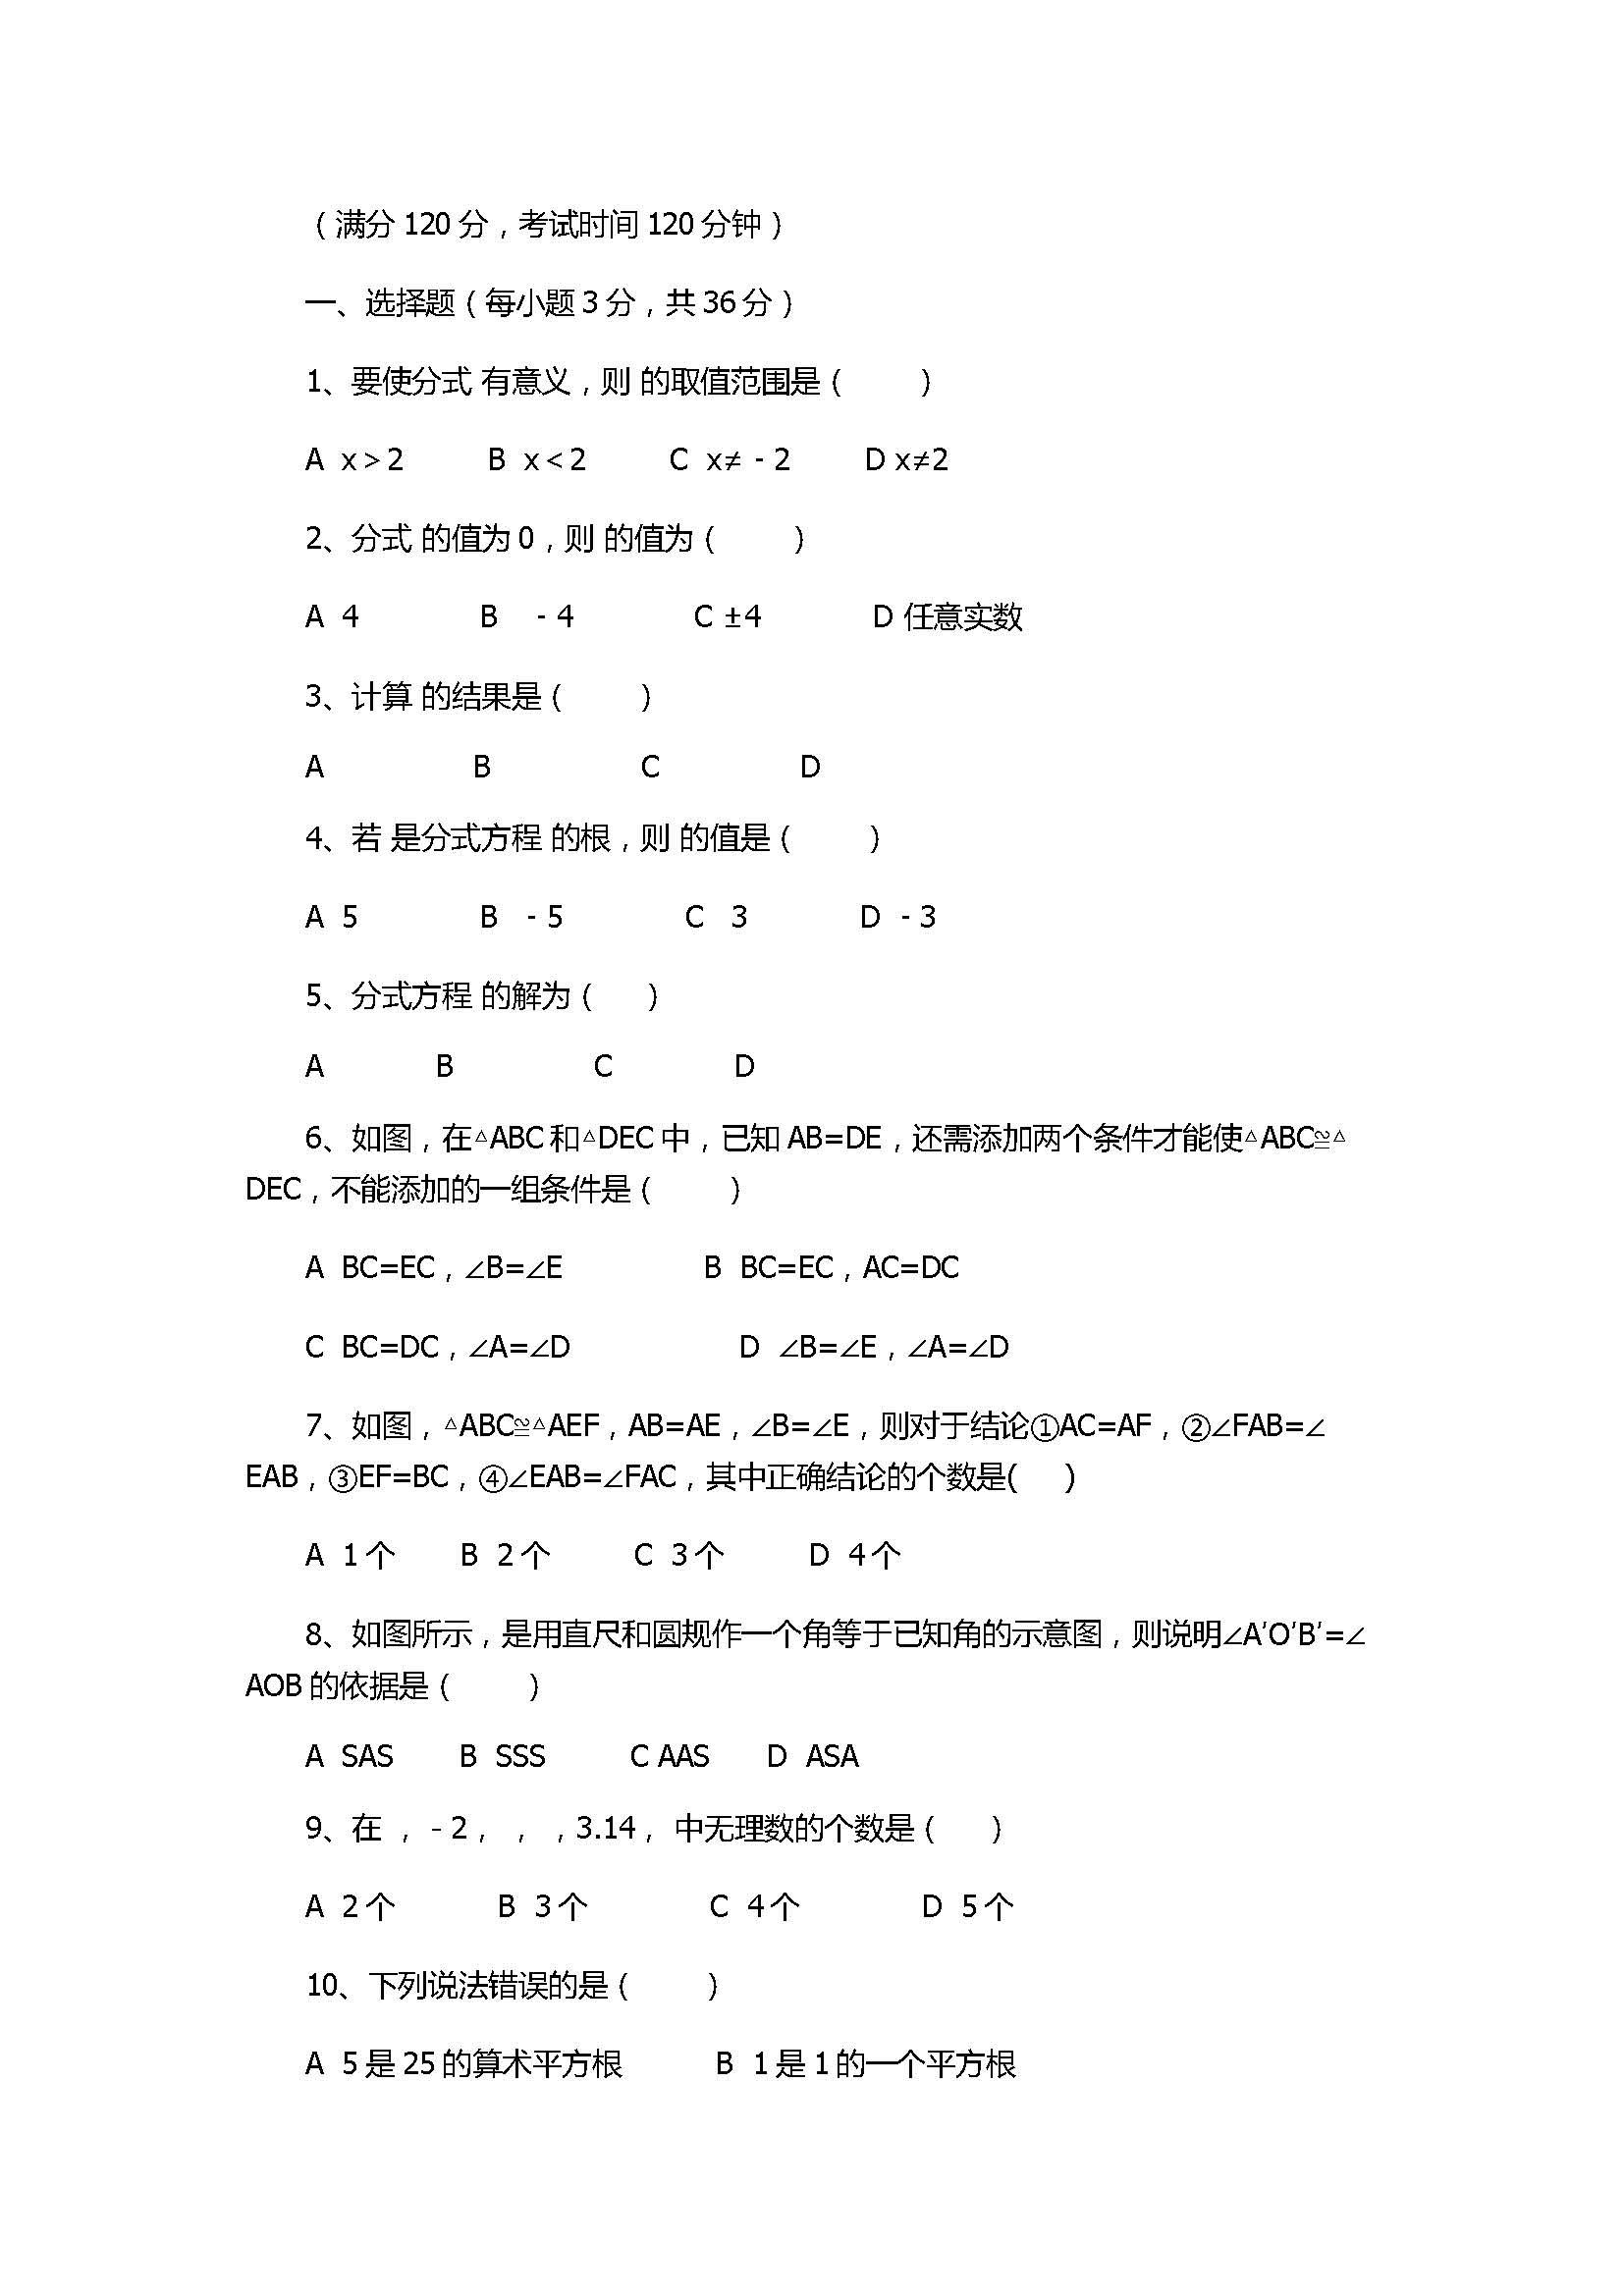 河北省邢台2017八年级数学期中考试卷带参考答案(冀教版)